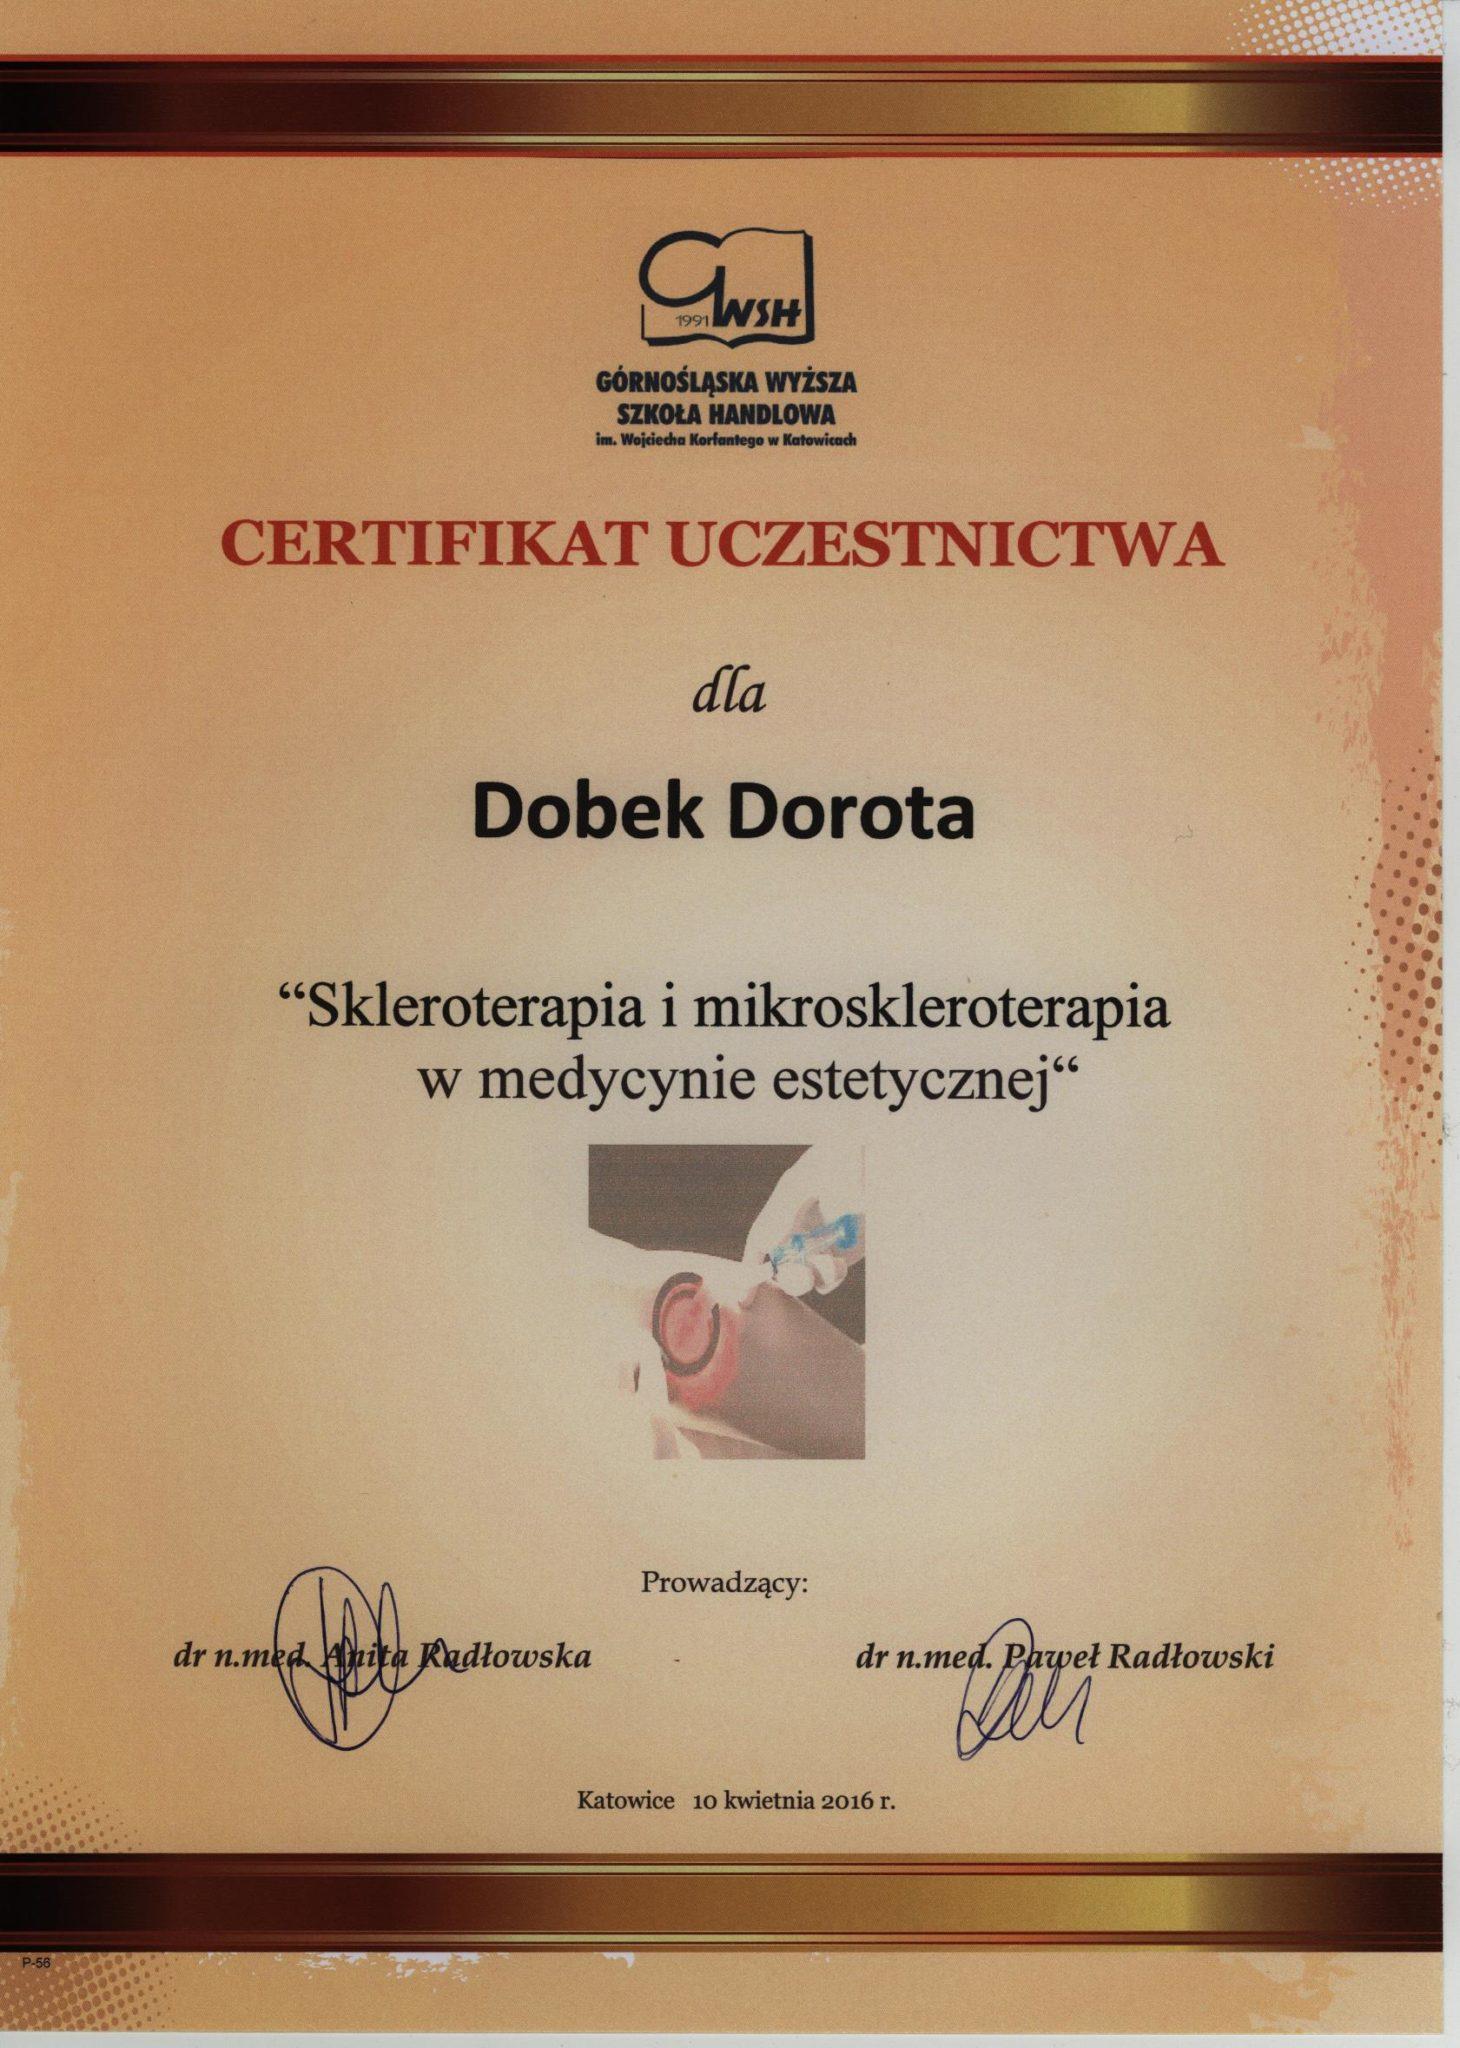 skleroterapia w medycynie estetycznej, certyfikat